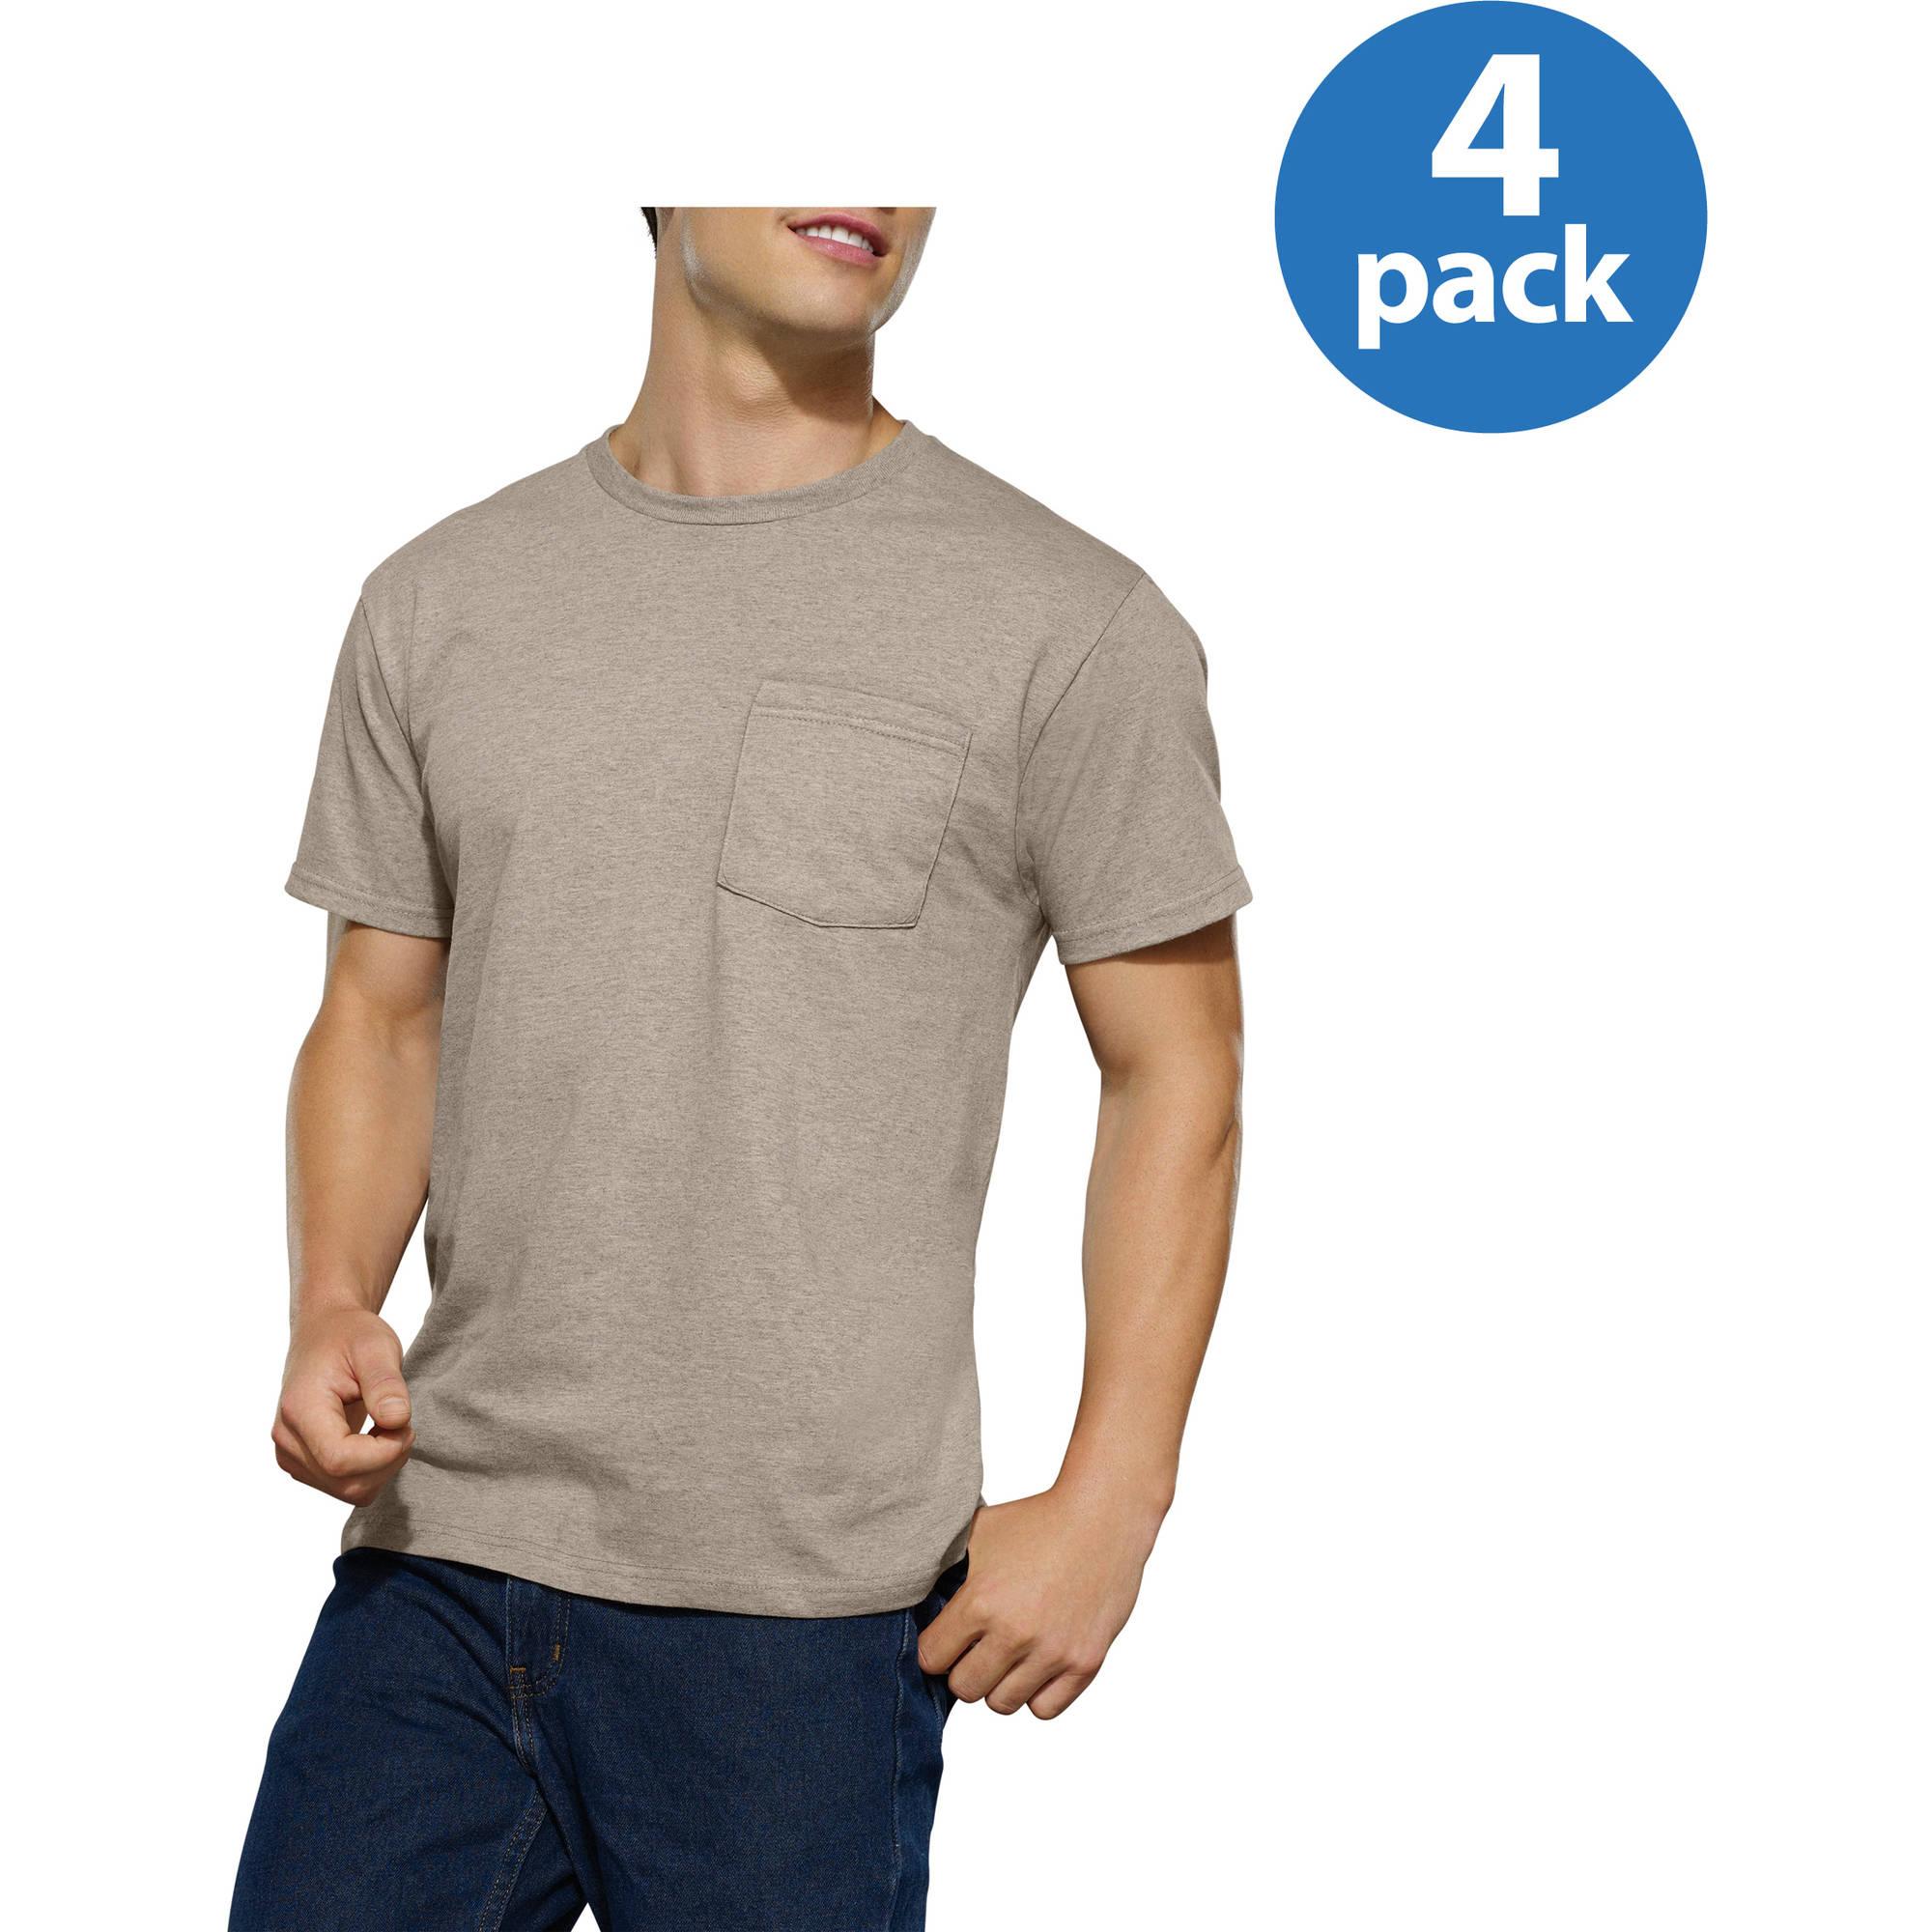 Fruit of the Loom Men's Assorted Color Pocket T-Shirt, 4-Pack